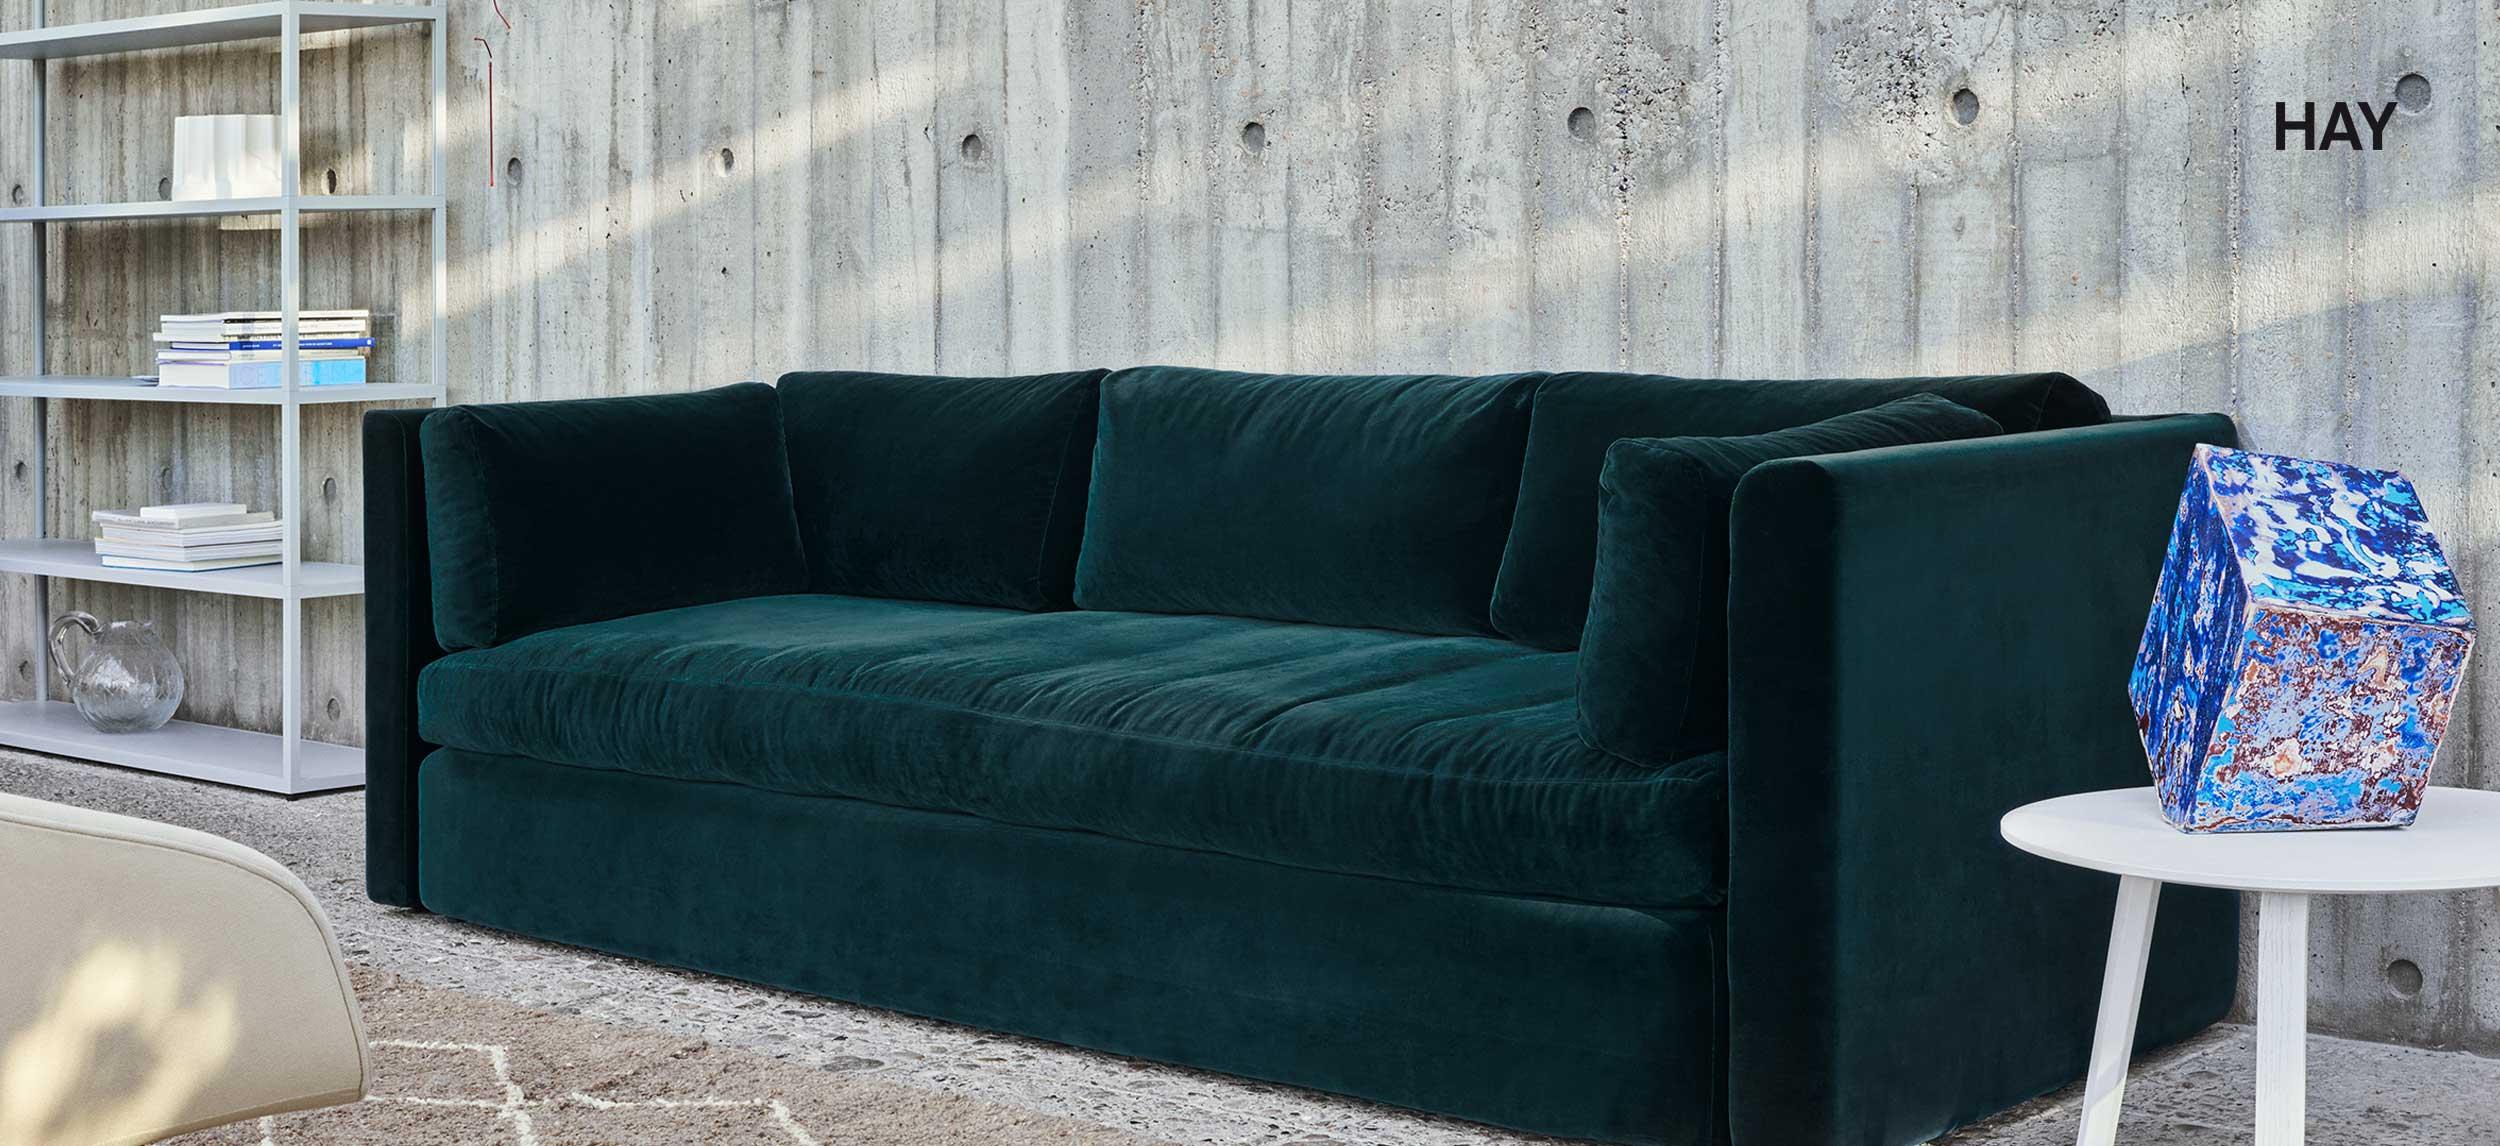 hay hersteller hersteller designer stoll online shop. Black Bedroom Furniture Sets. Home Design Ideas